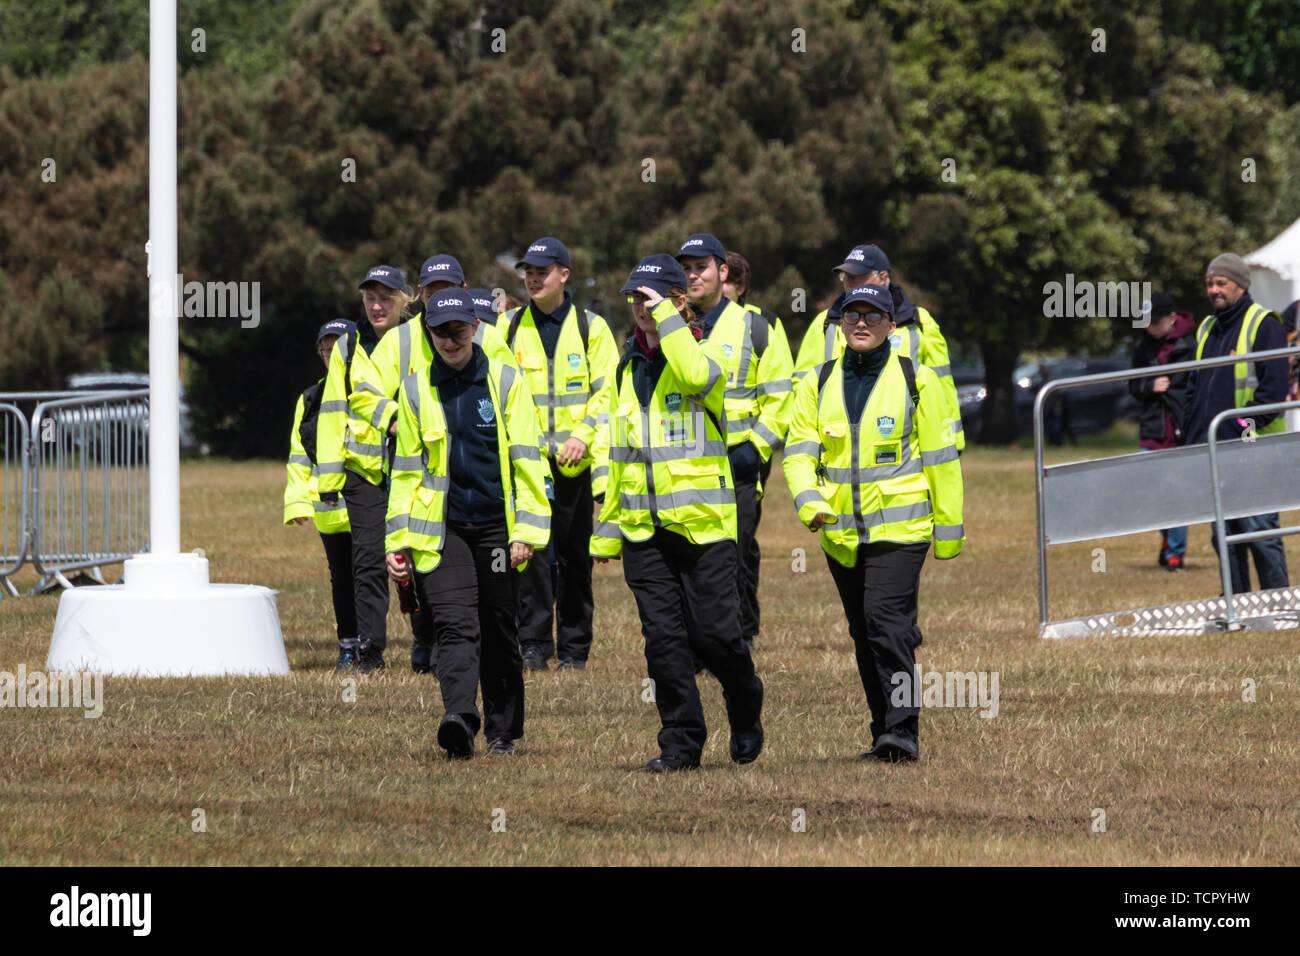 Un gruppo di cadetti camminare insieme in giacche ad alta visibilità Immagini Stock